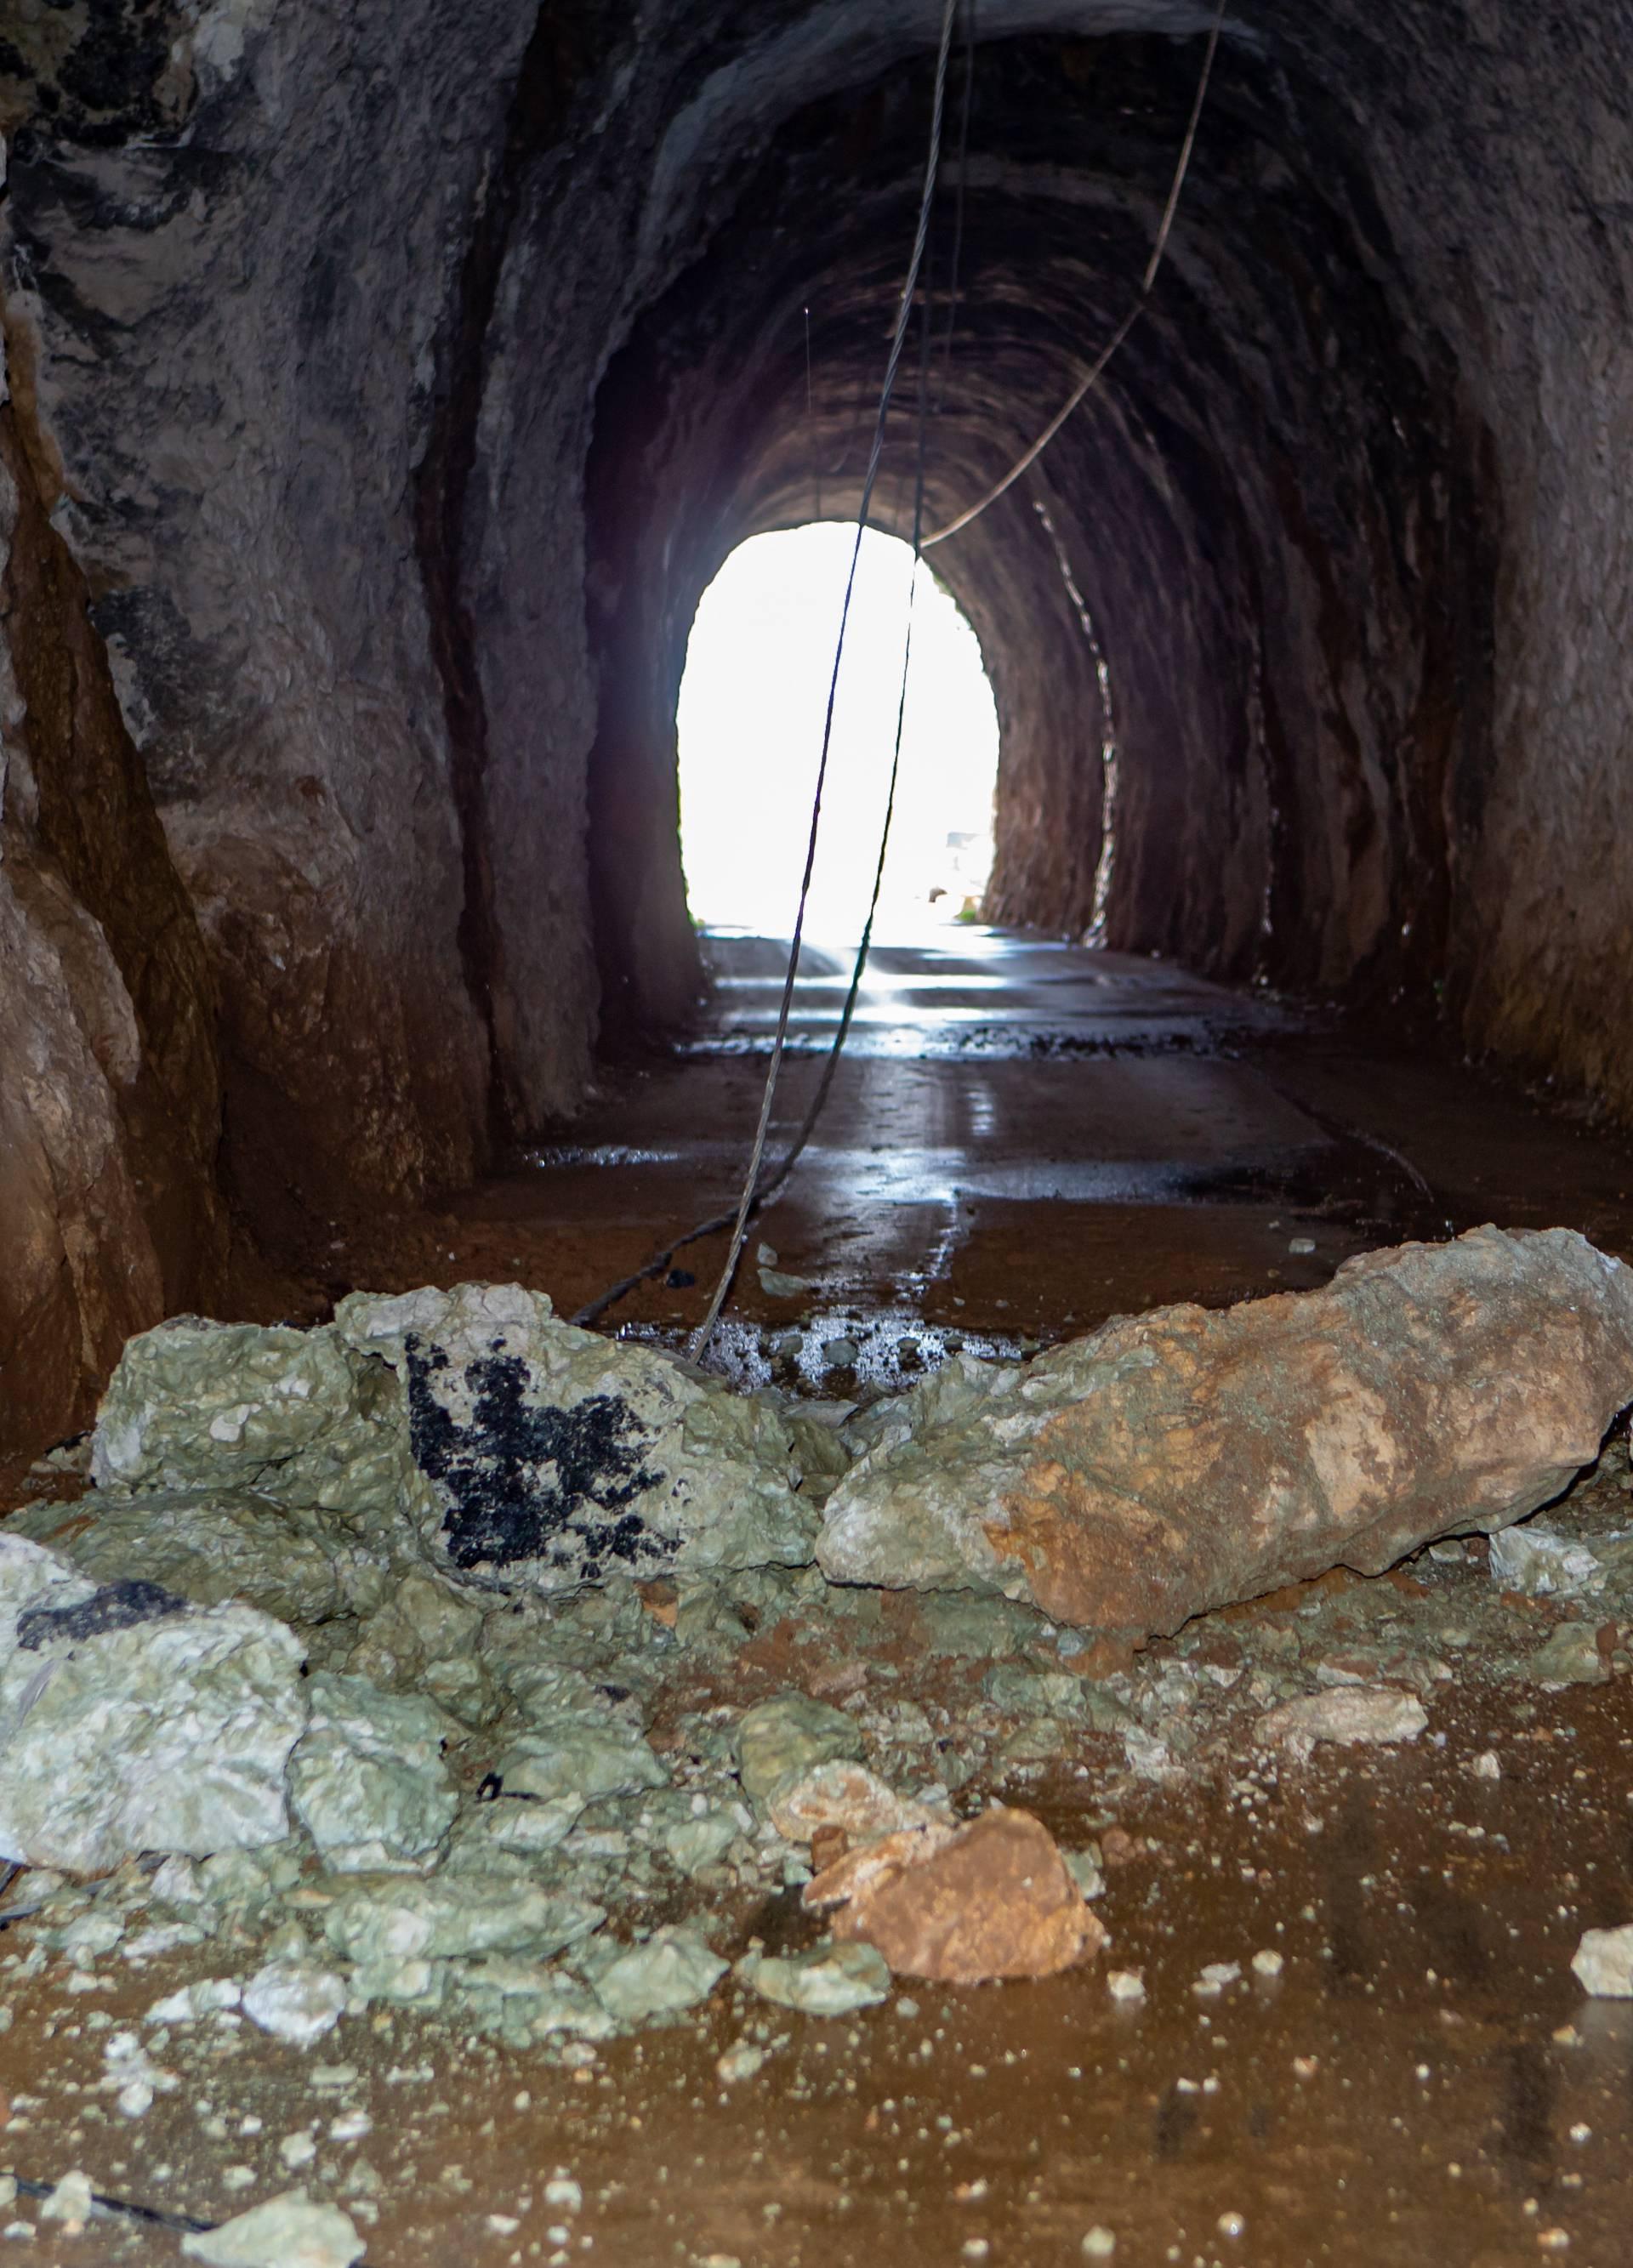 Umalo tragedija: Djeca prošla pa se u tunelu odronila stijena